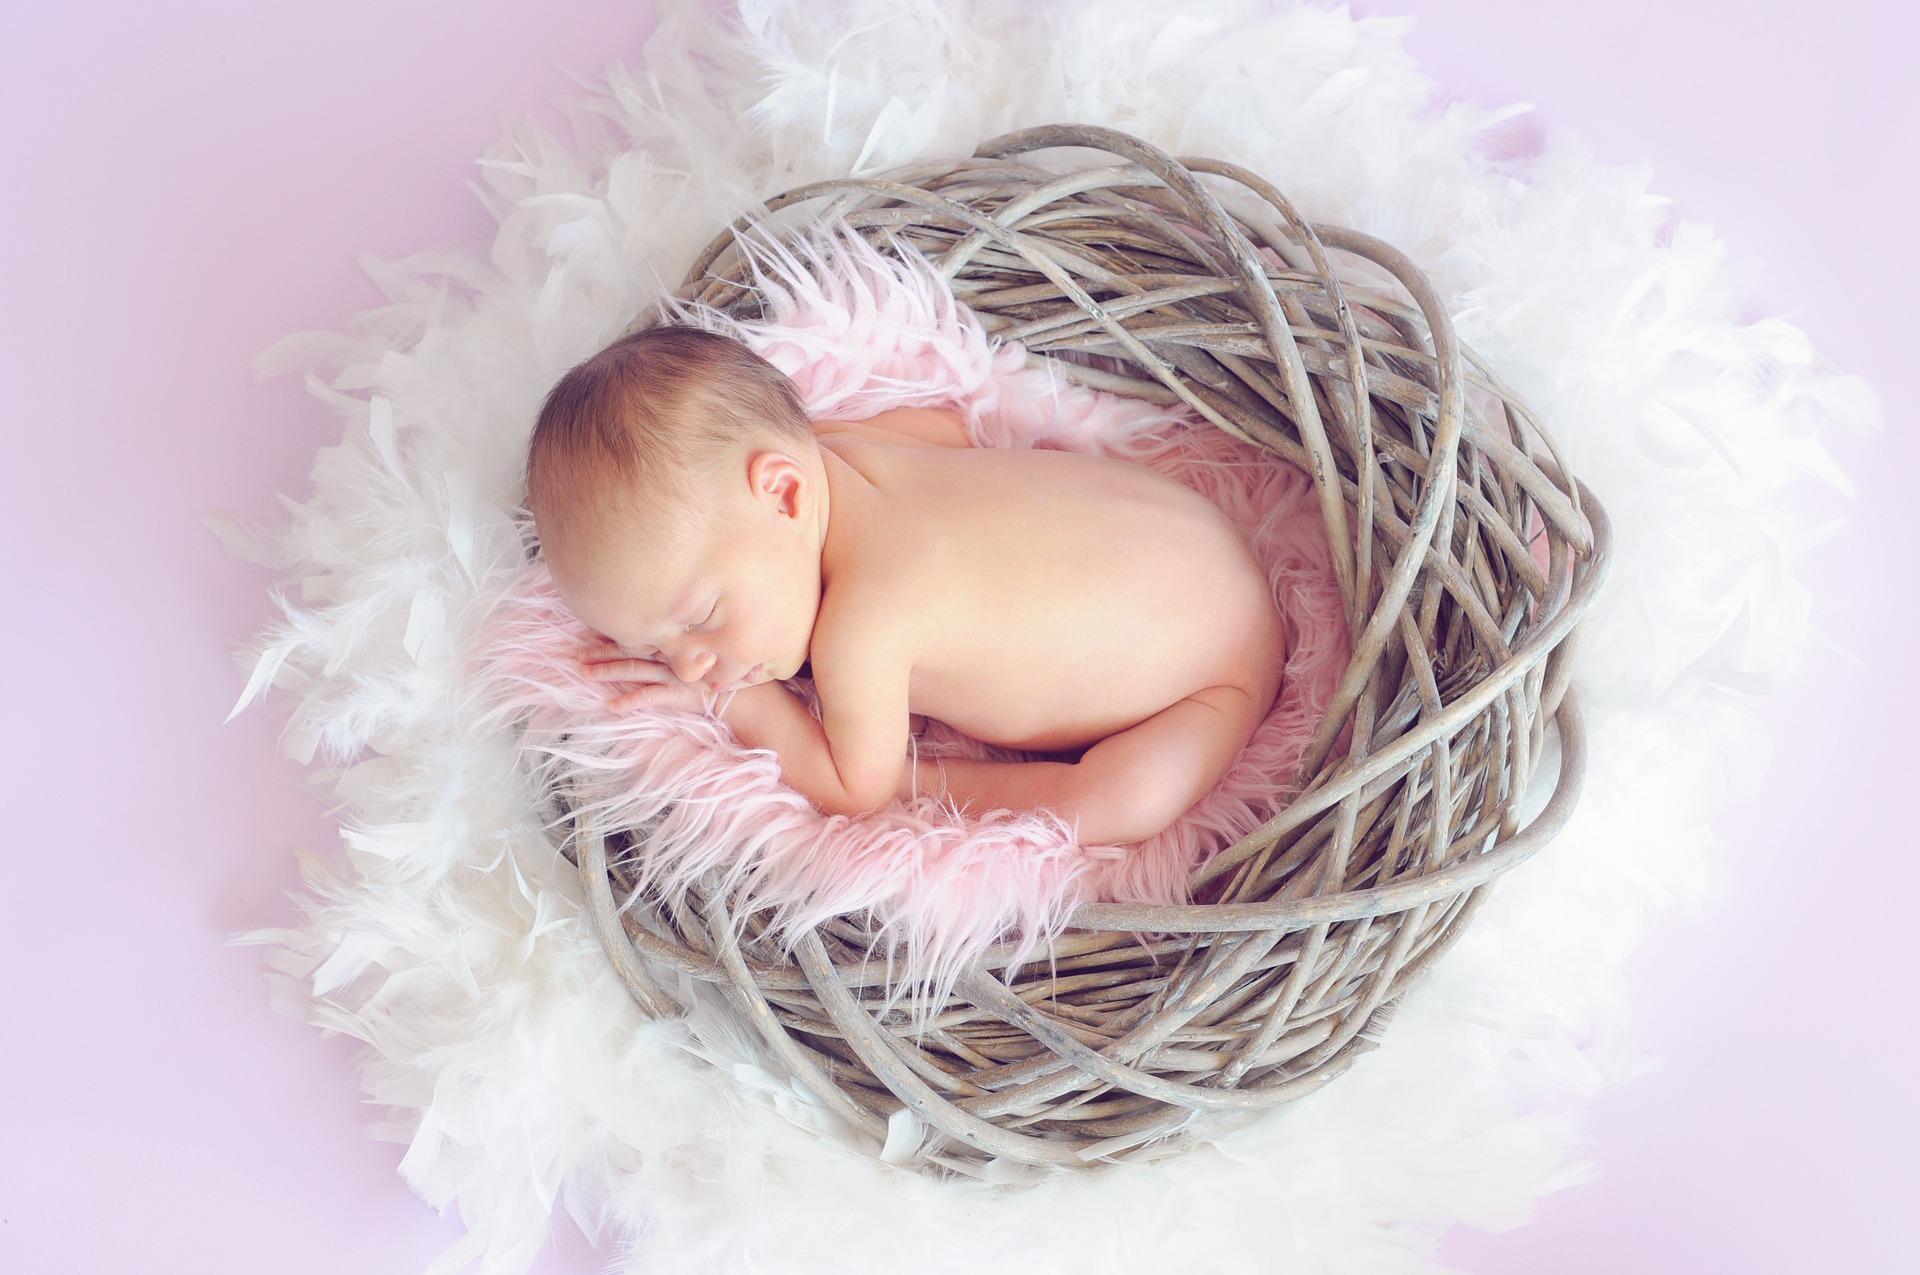 在周產期會引起嬰兒貧血的危險因素